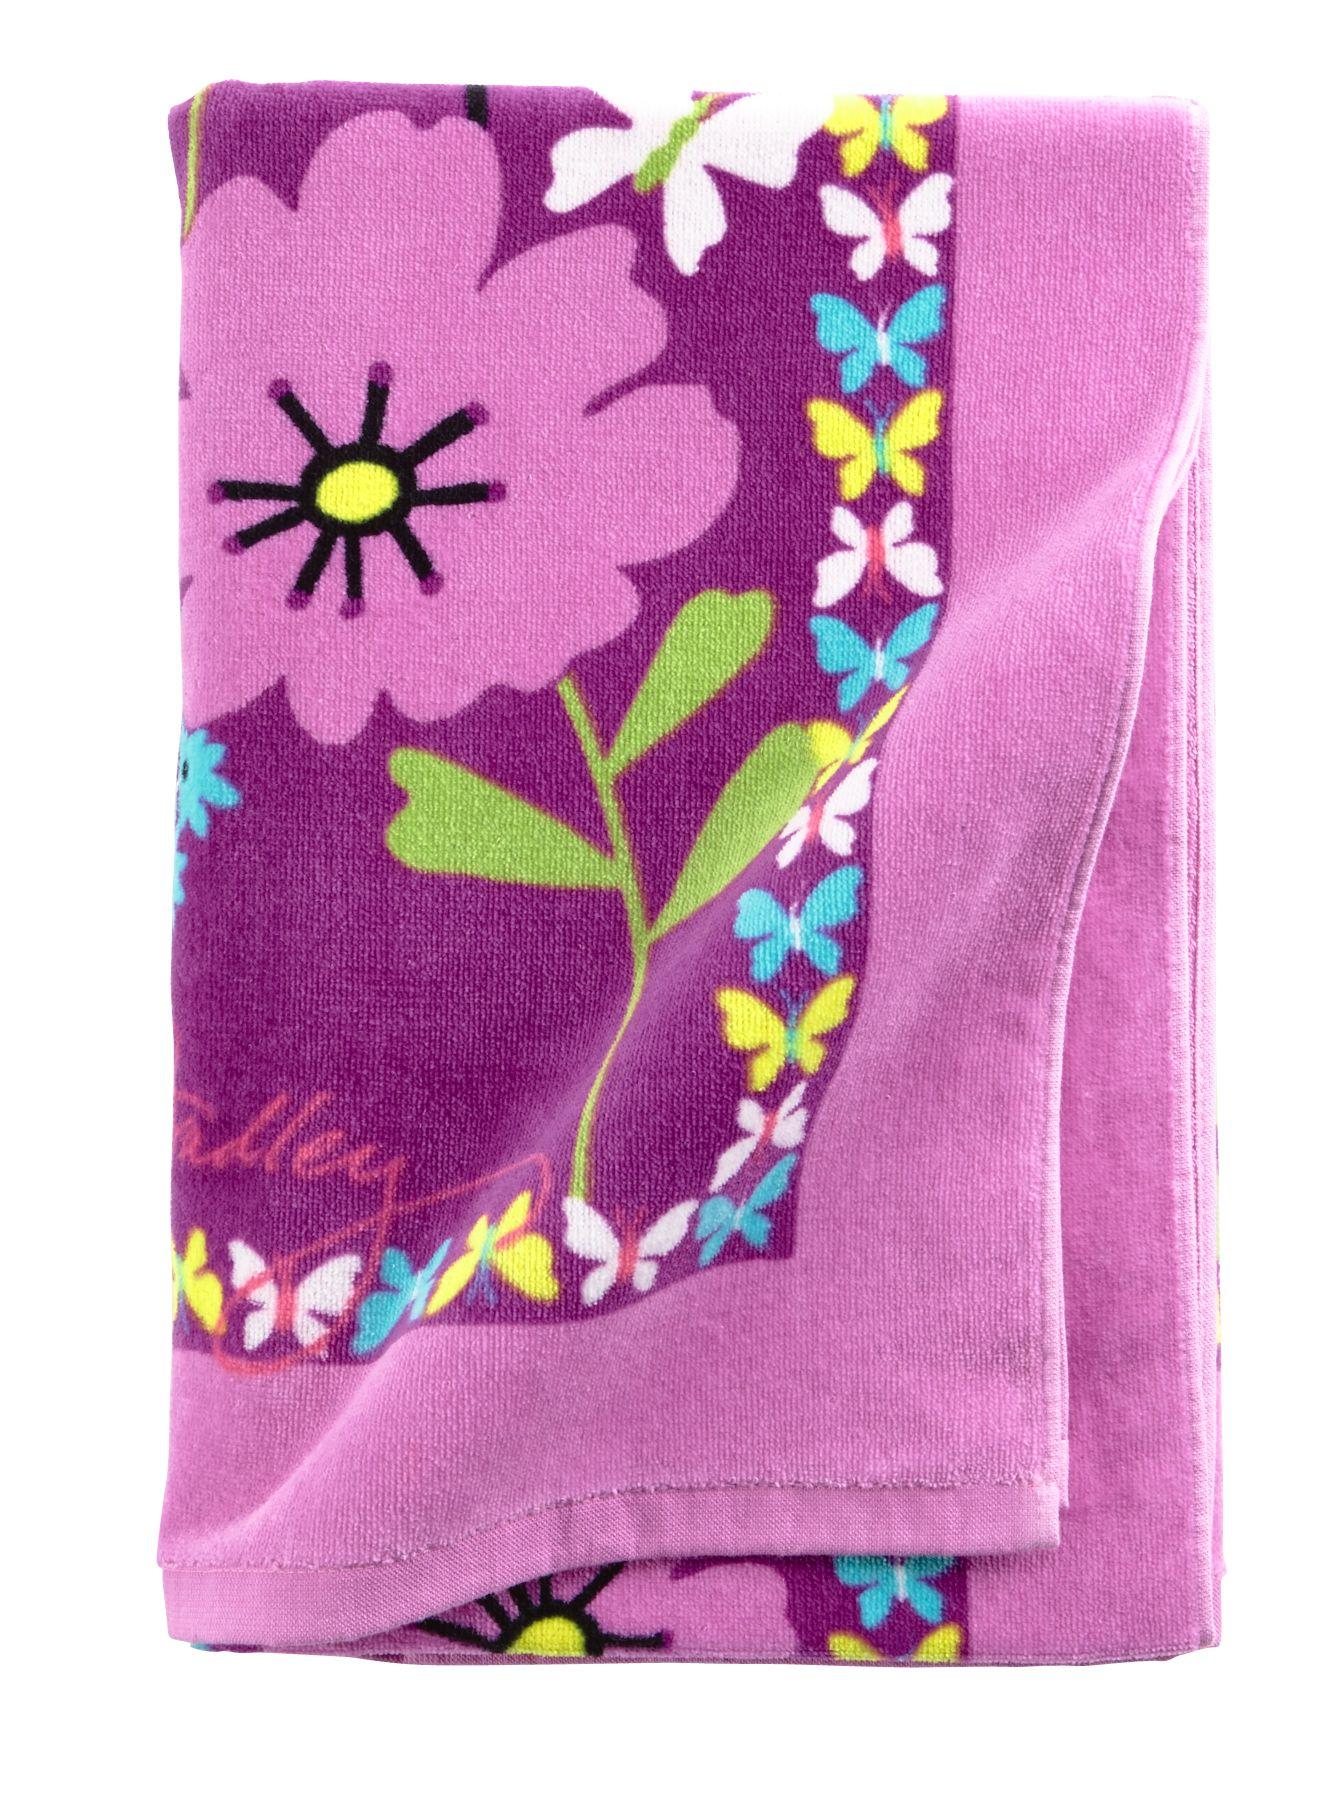 Vera Bradley Beach Towel in Flutterby $ 35.00